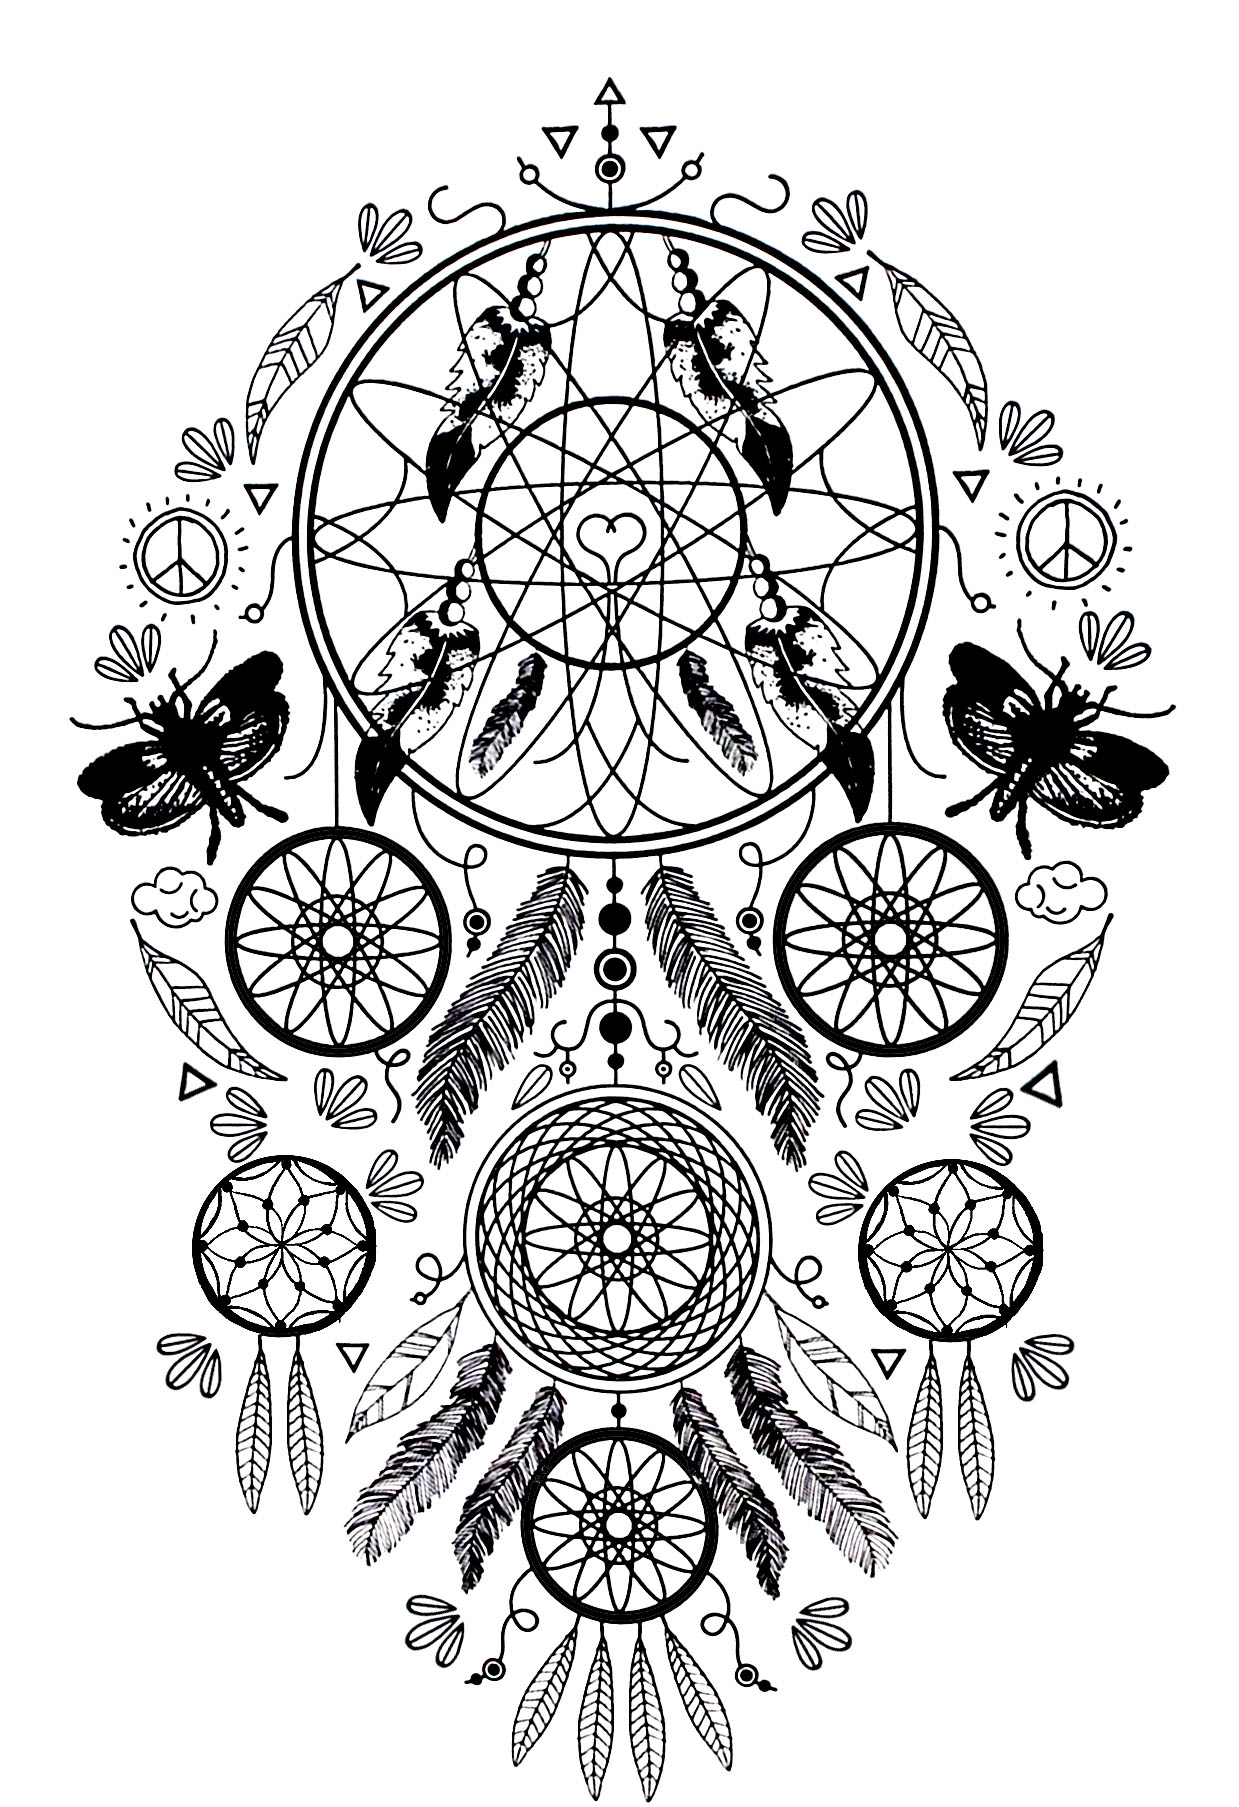 Attrape-rêve (Dreamcatcher) ave clés : plumes et papillons